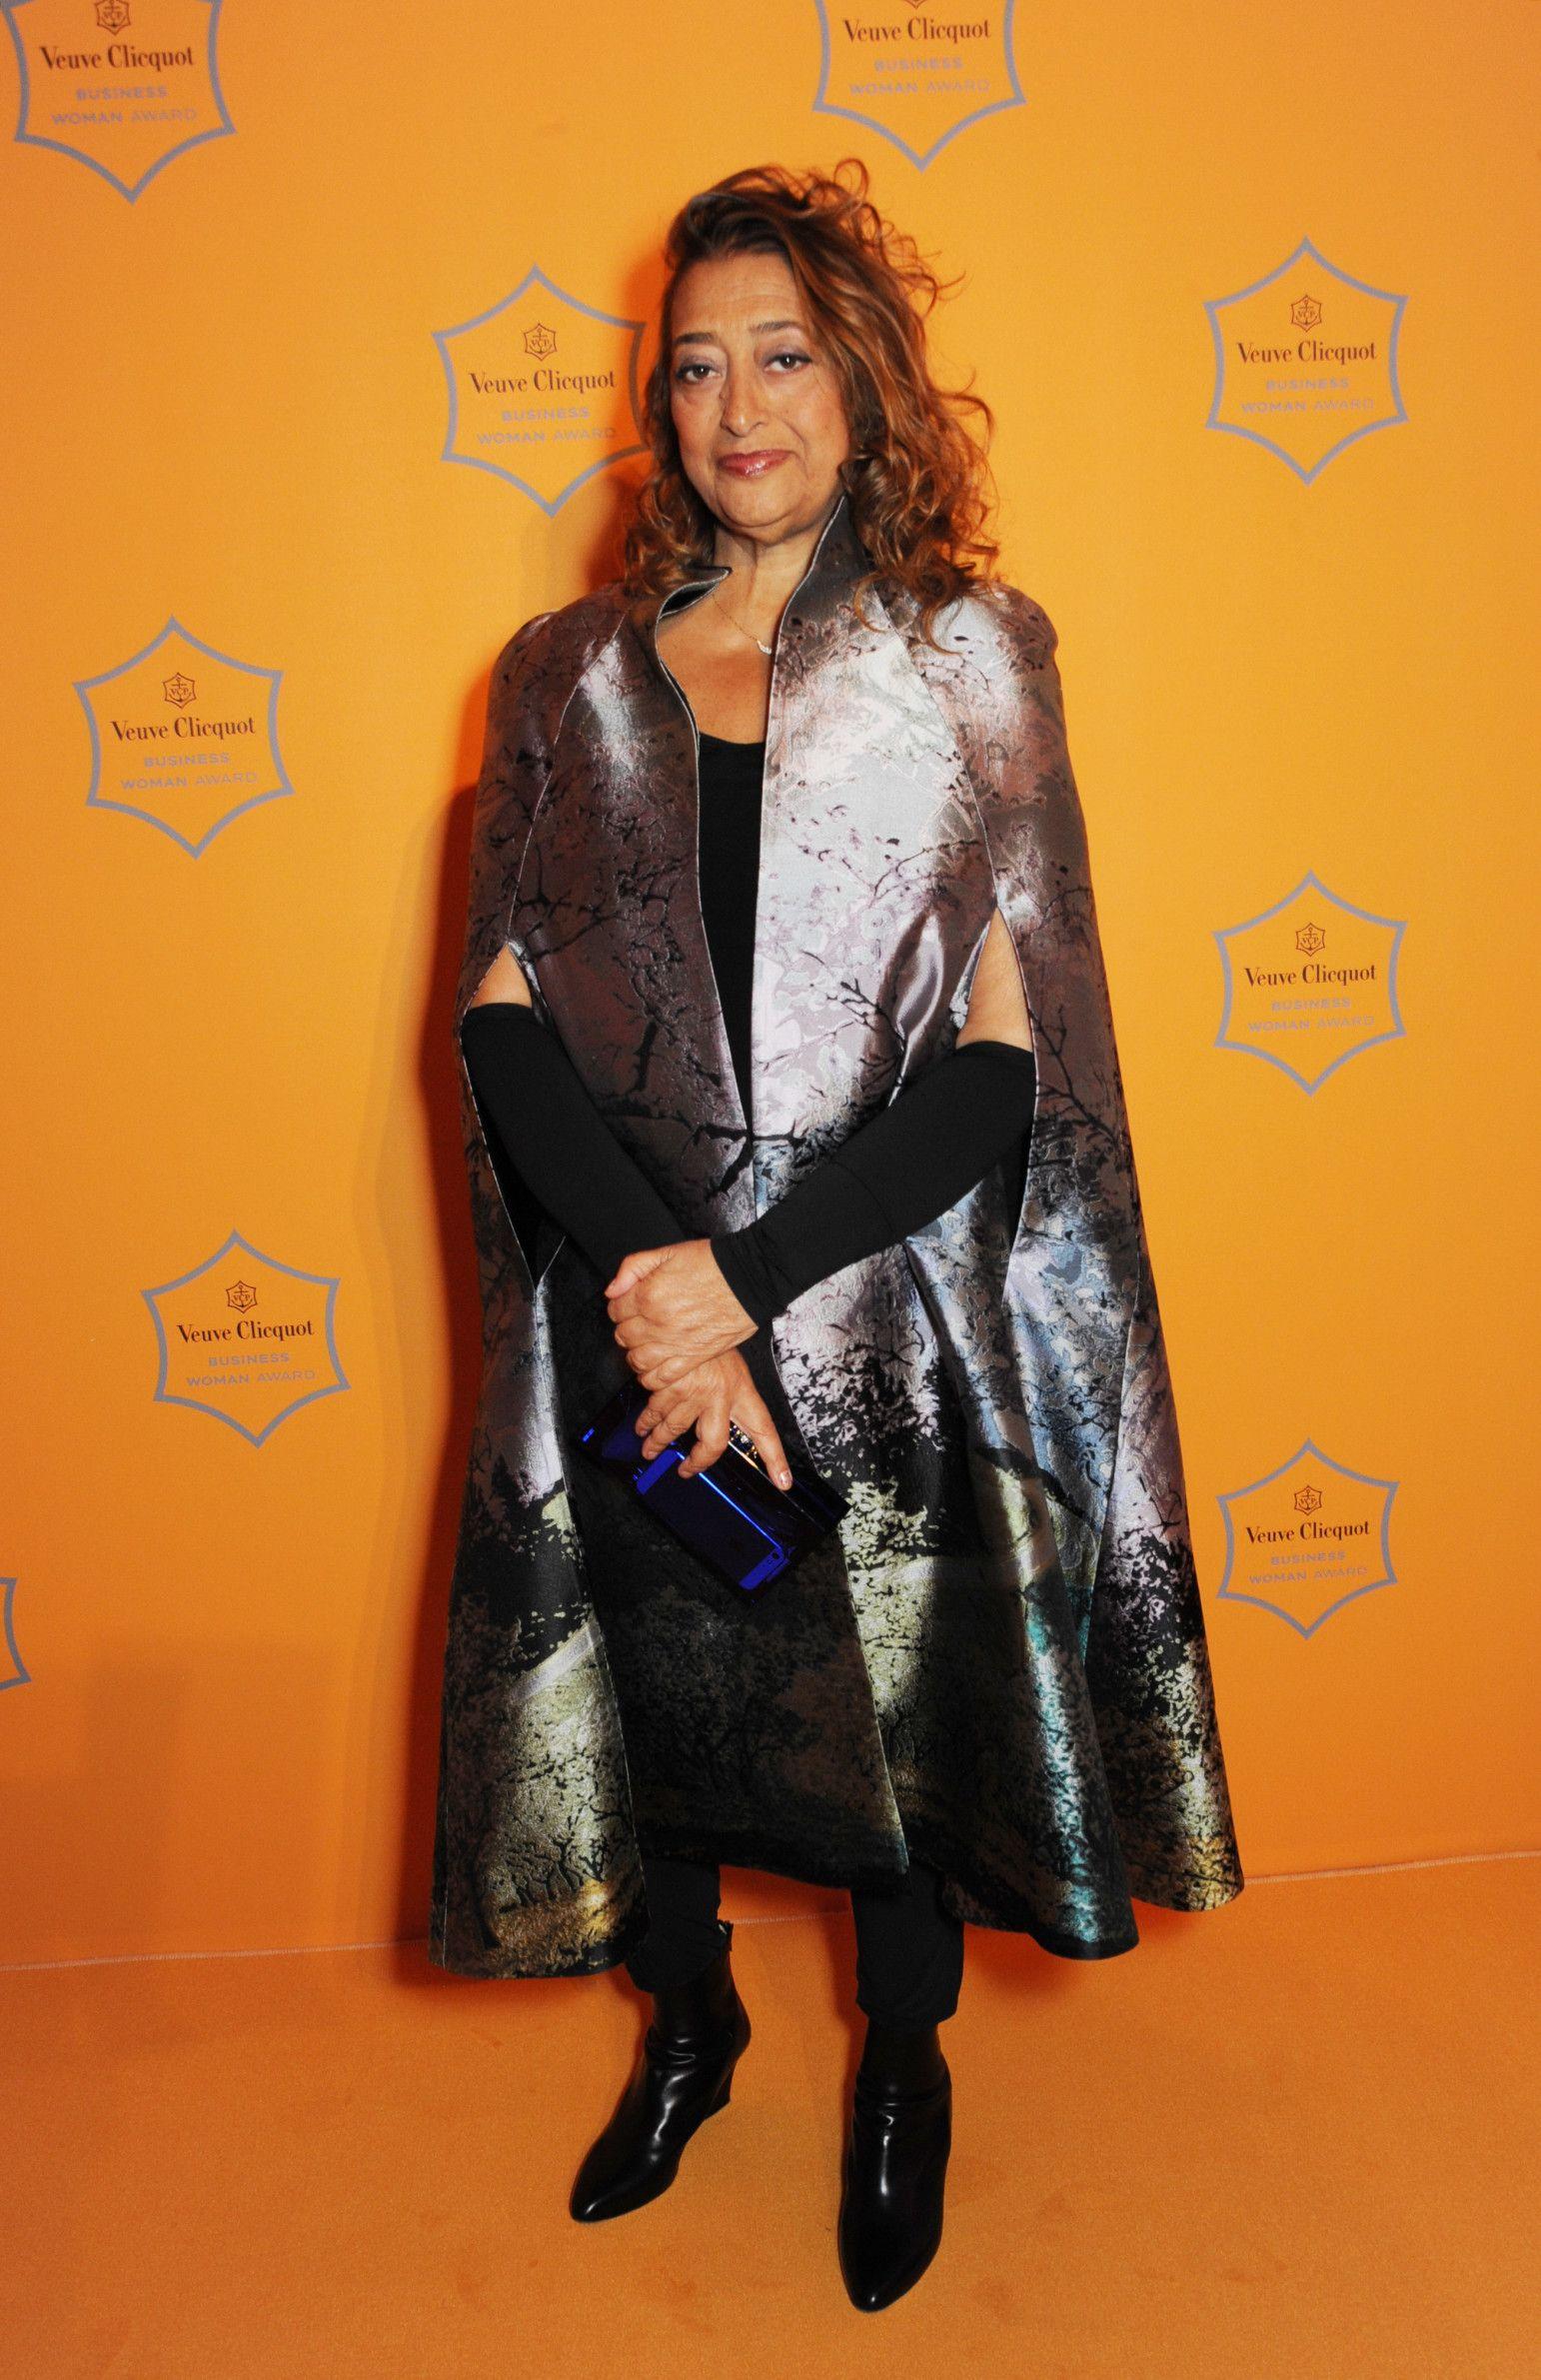 Zaha Hadid Style zaha hadid's daring style | people | pinterest | zaha hadid